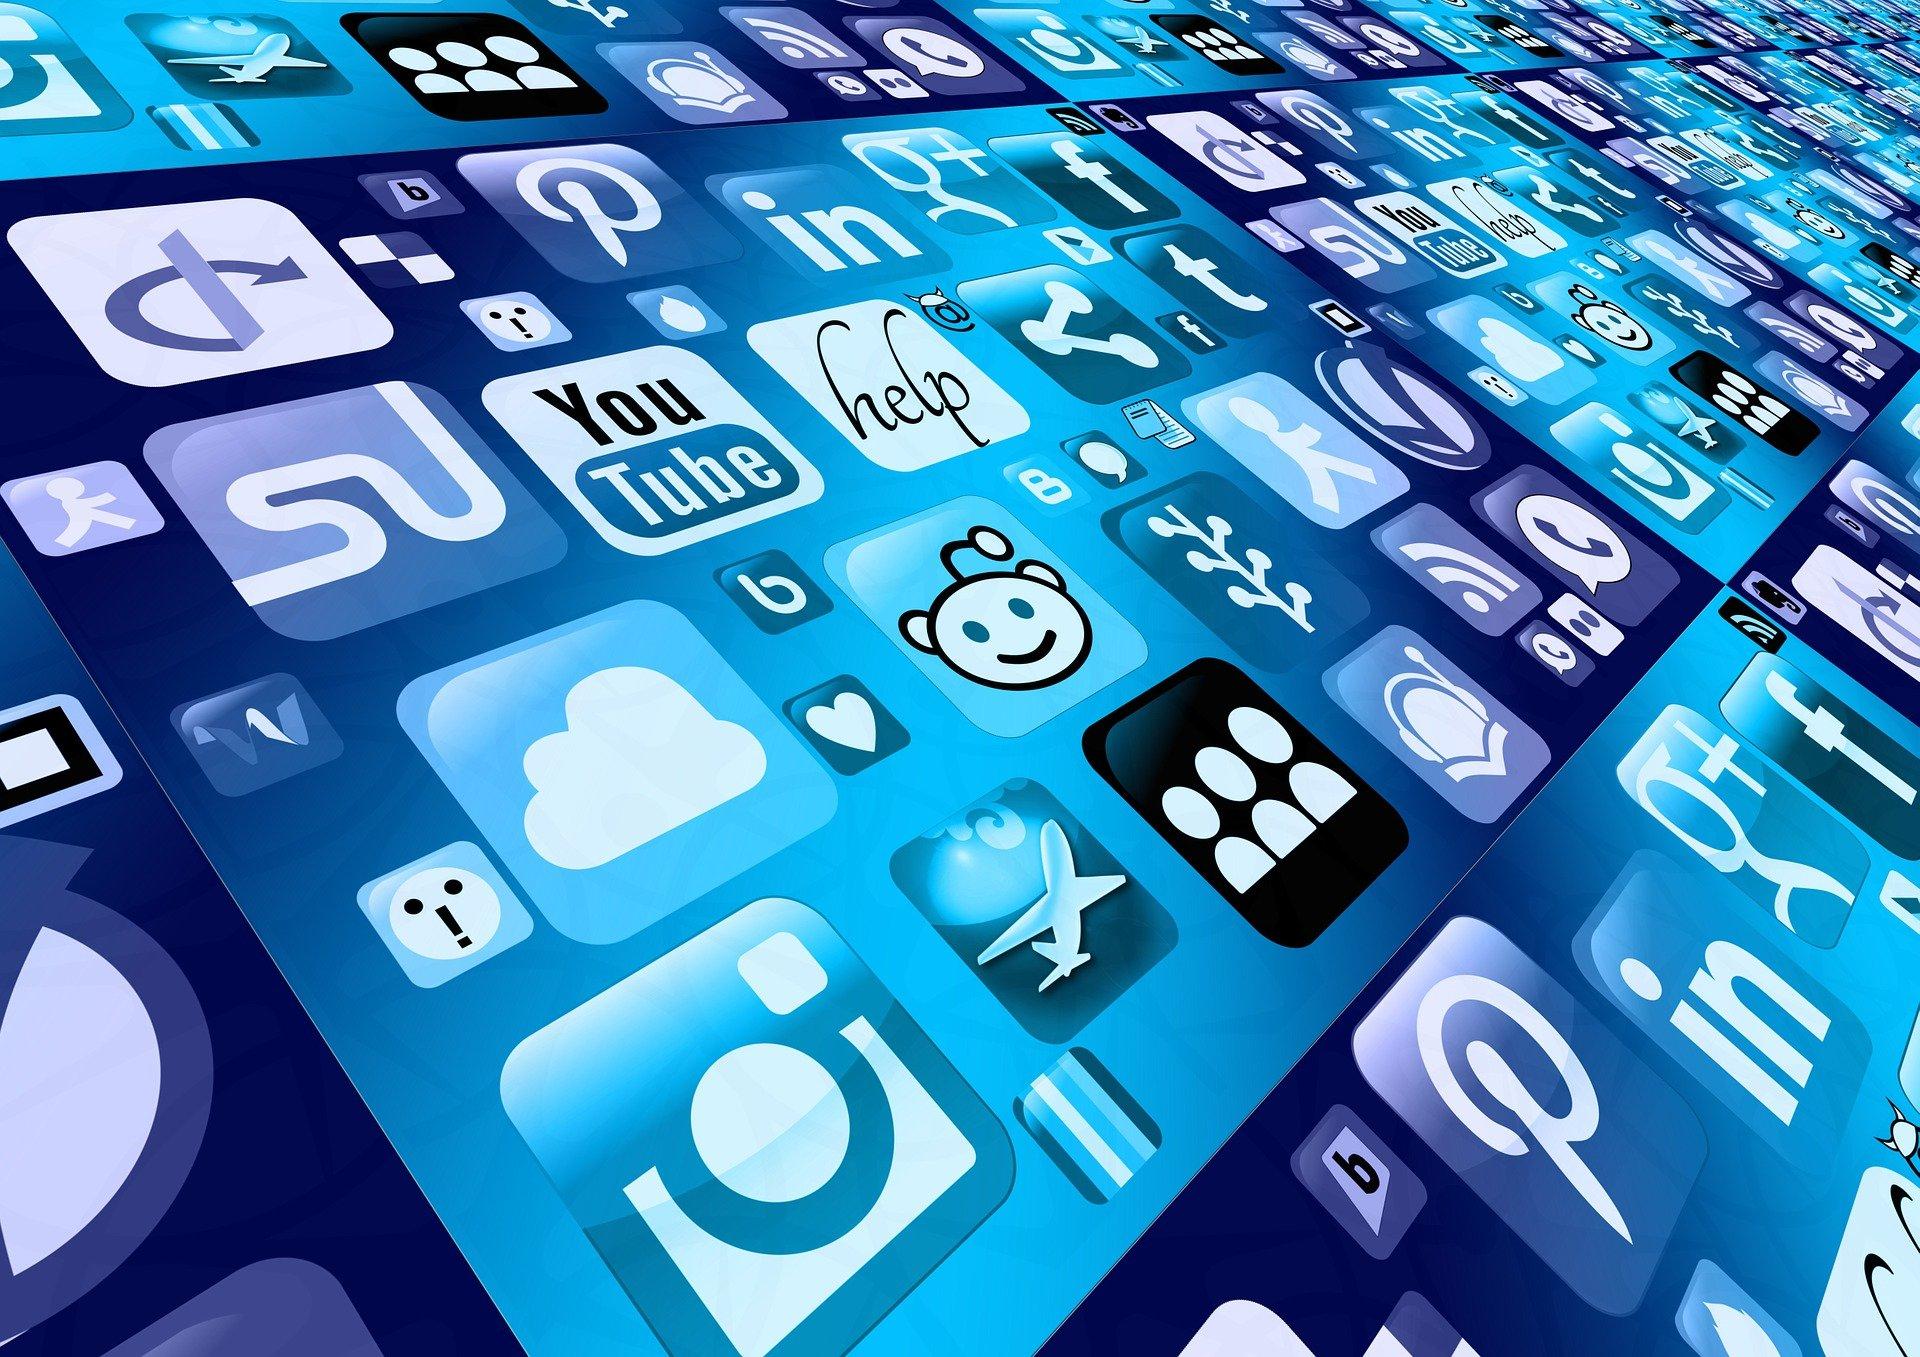 קידום רשתות חברתיות